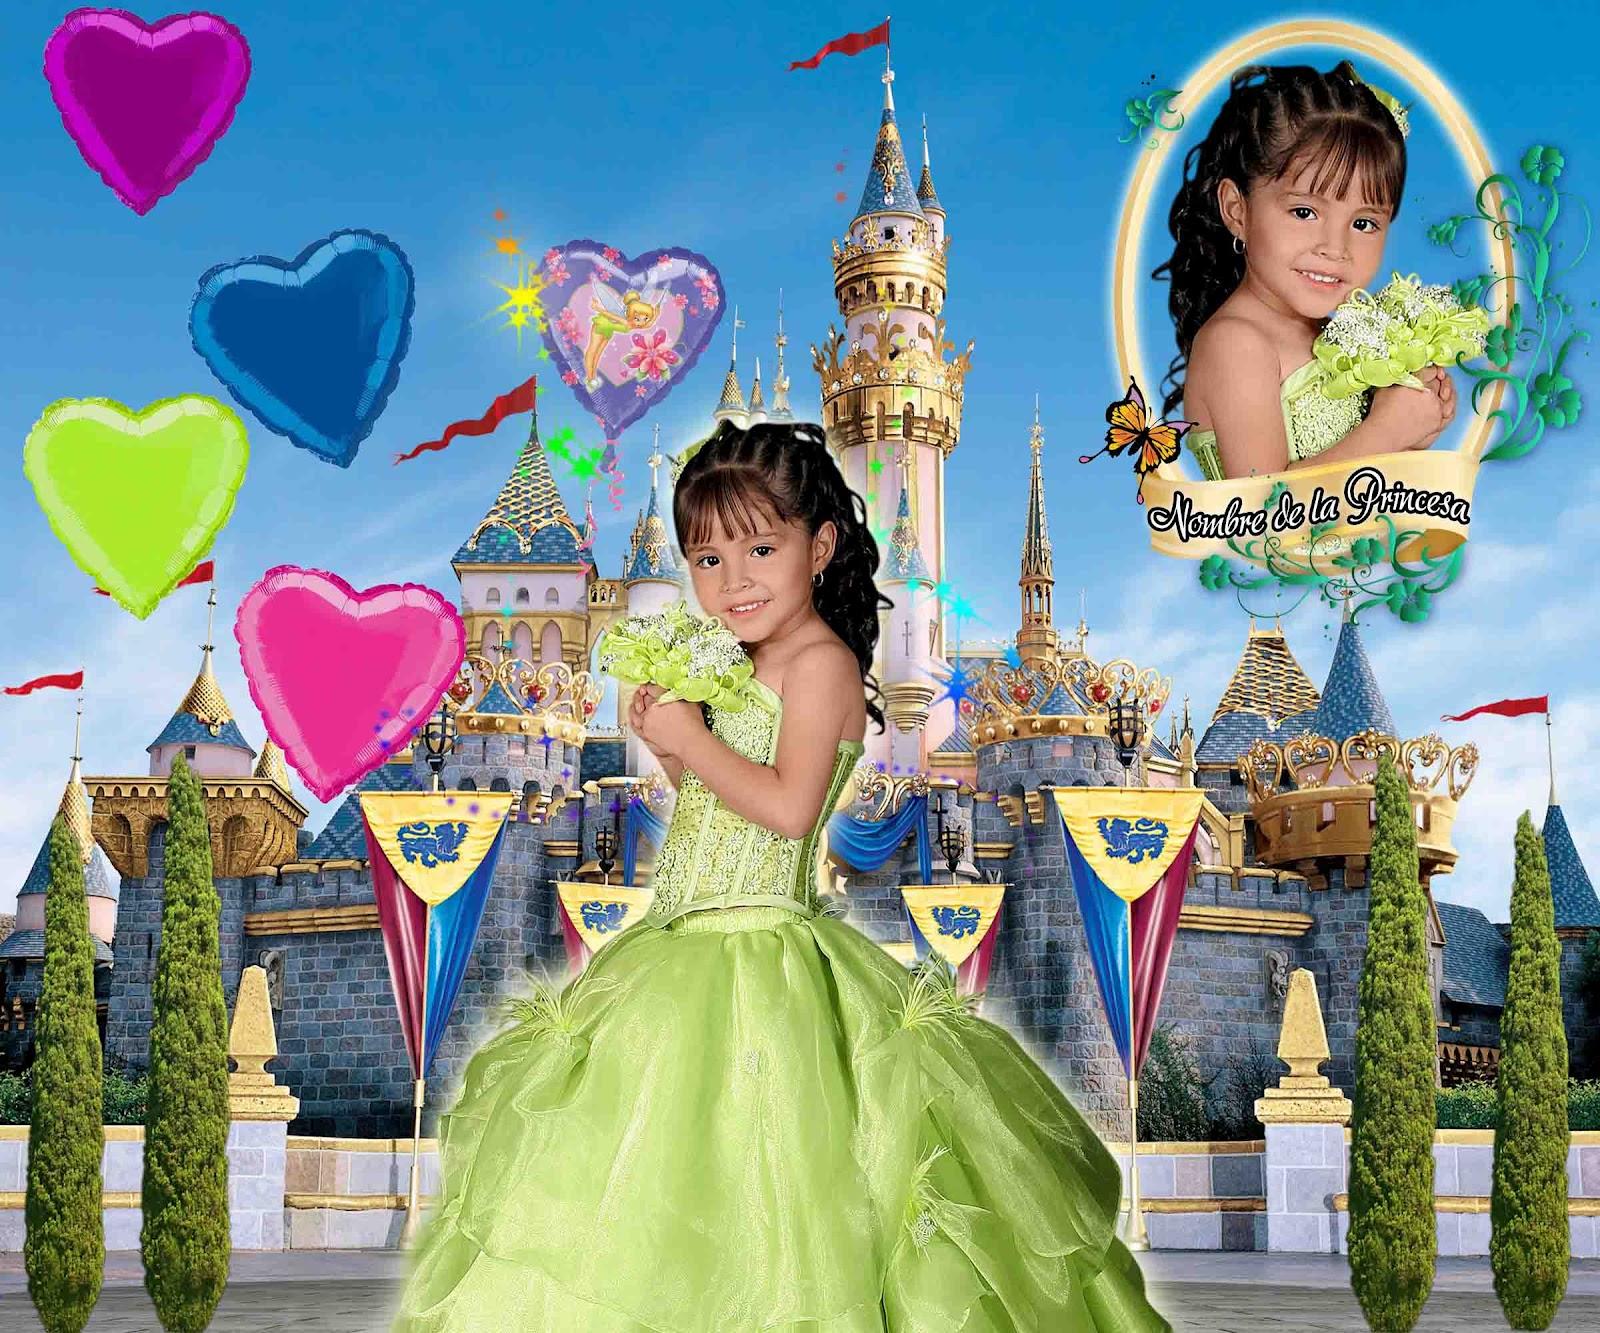 Caritas con castillo y globos - **El blog del diseñador descargar